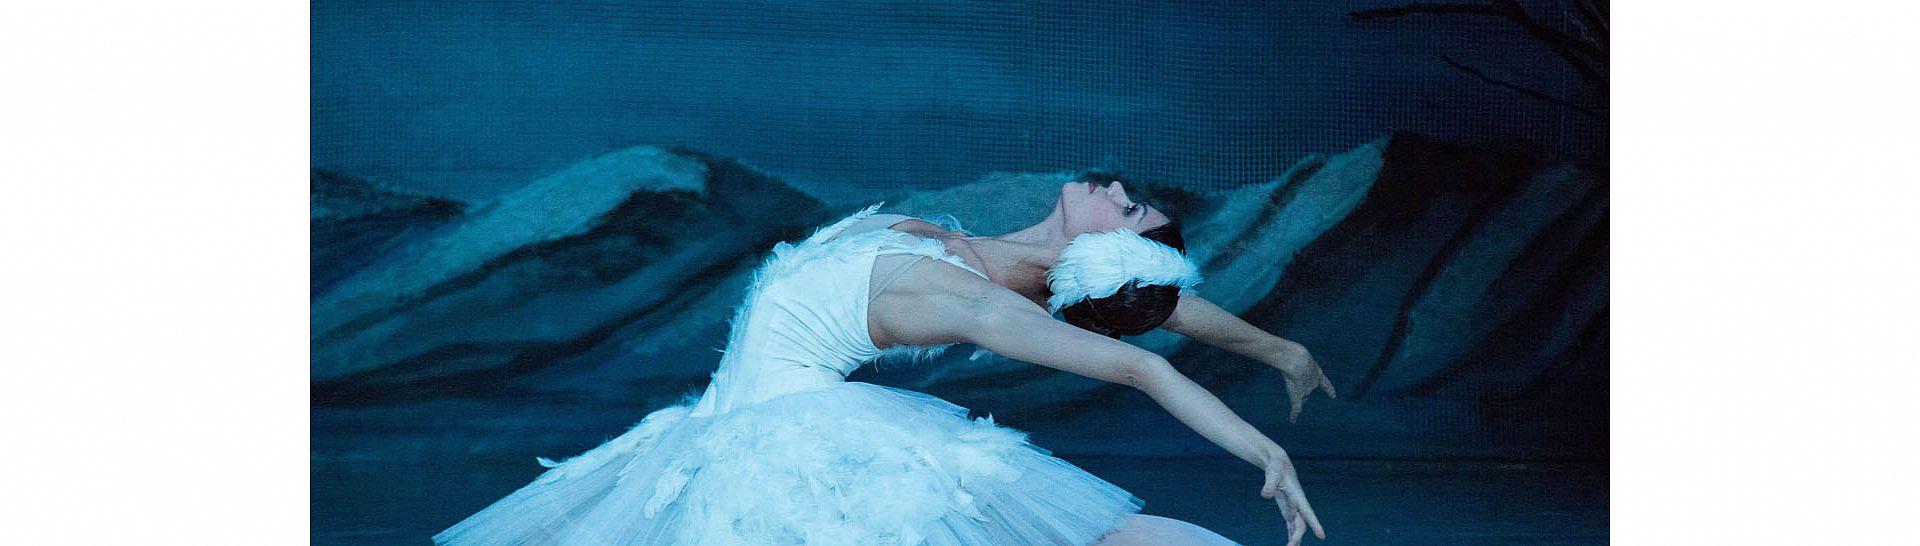 אגם הברבורים באופרה הישראלית